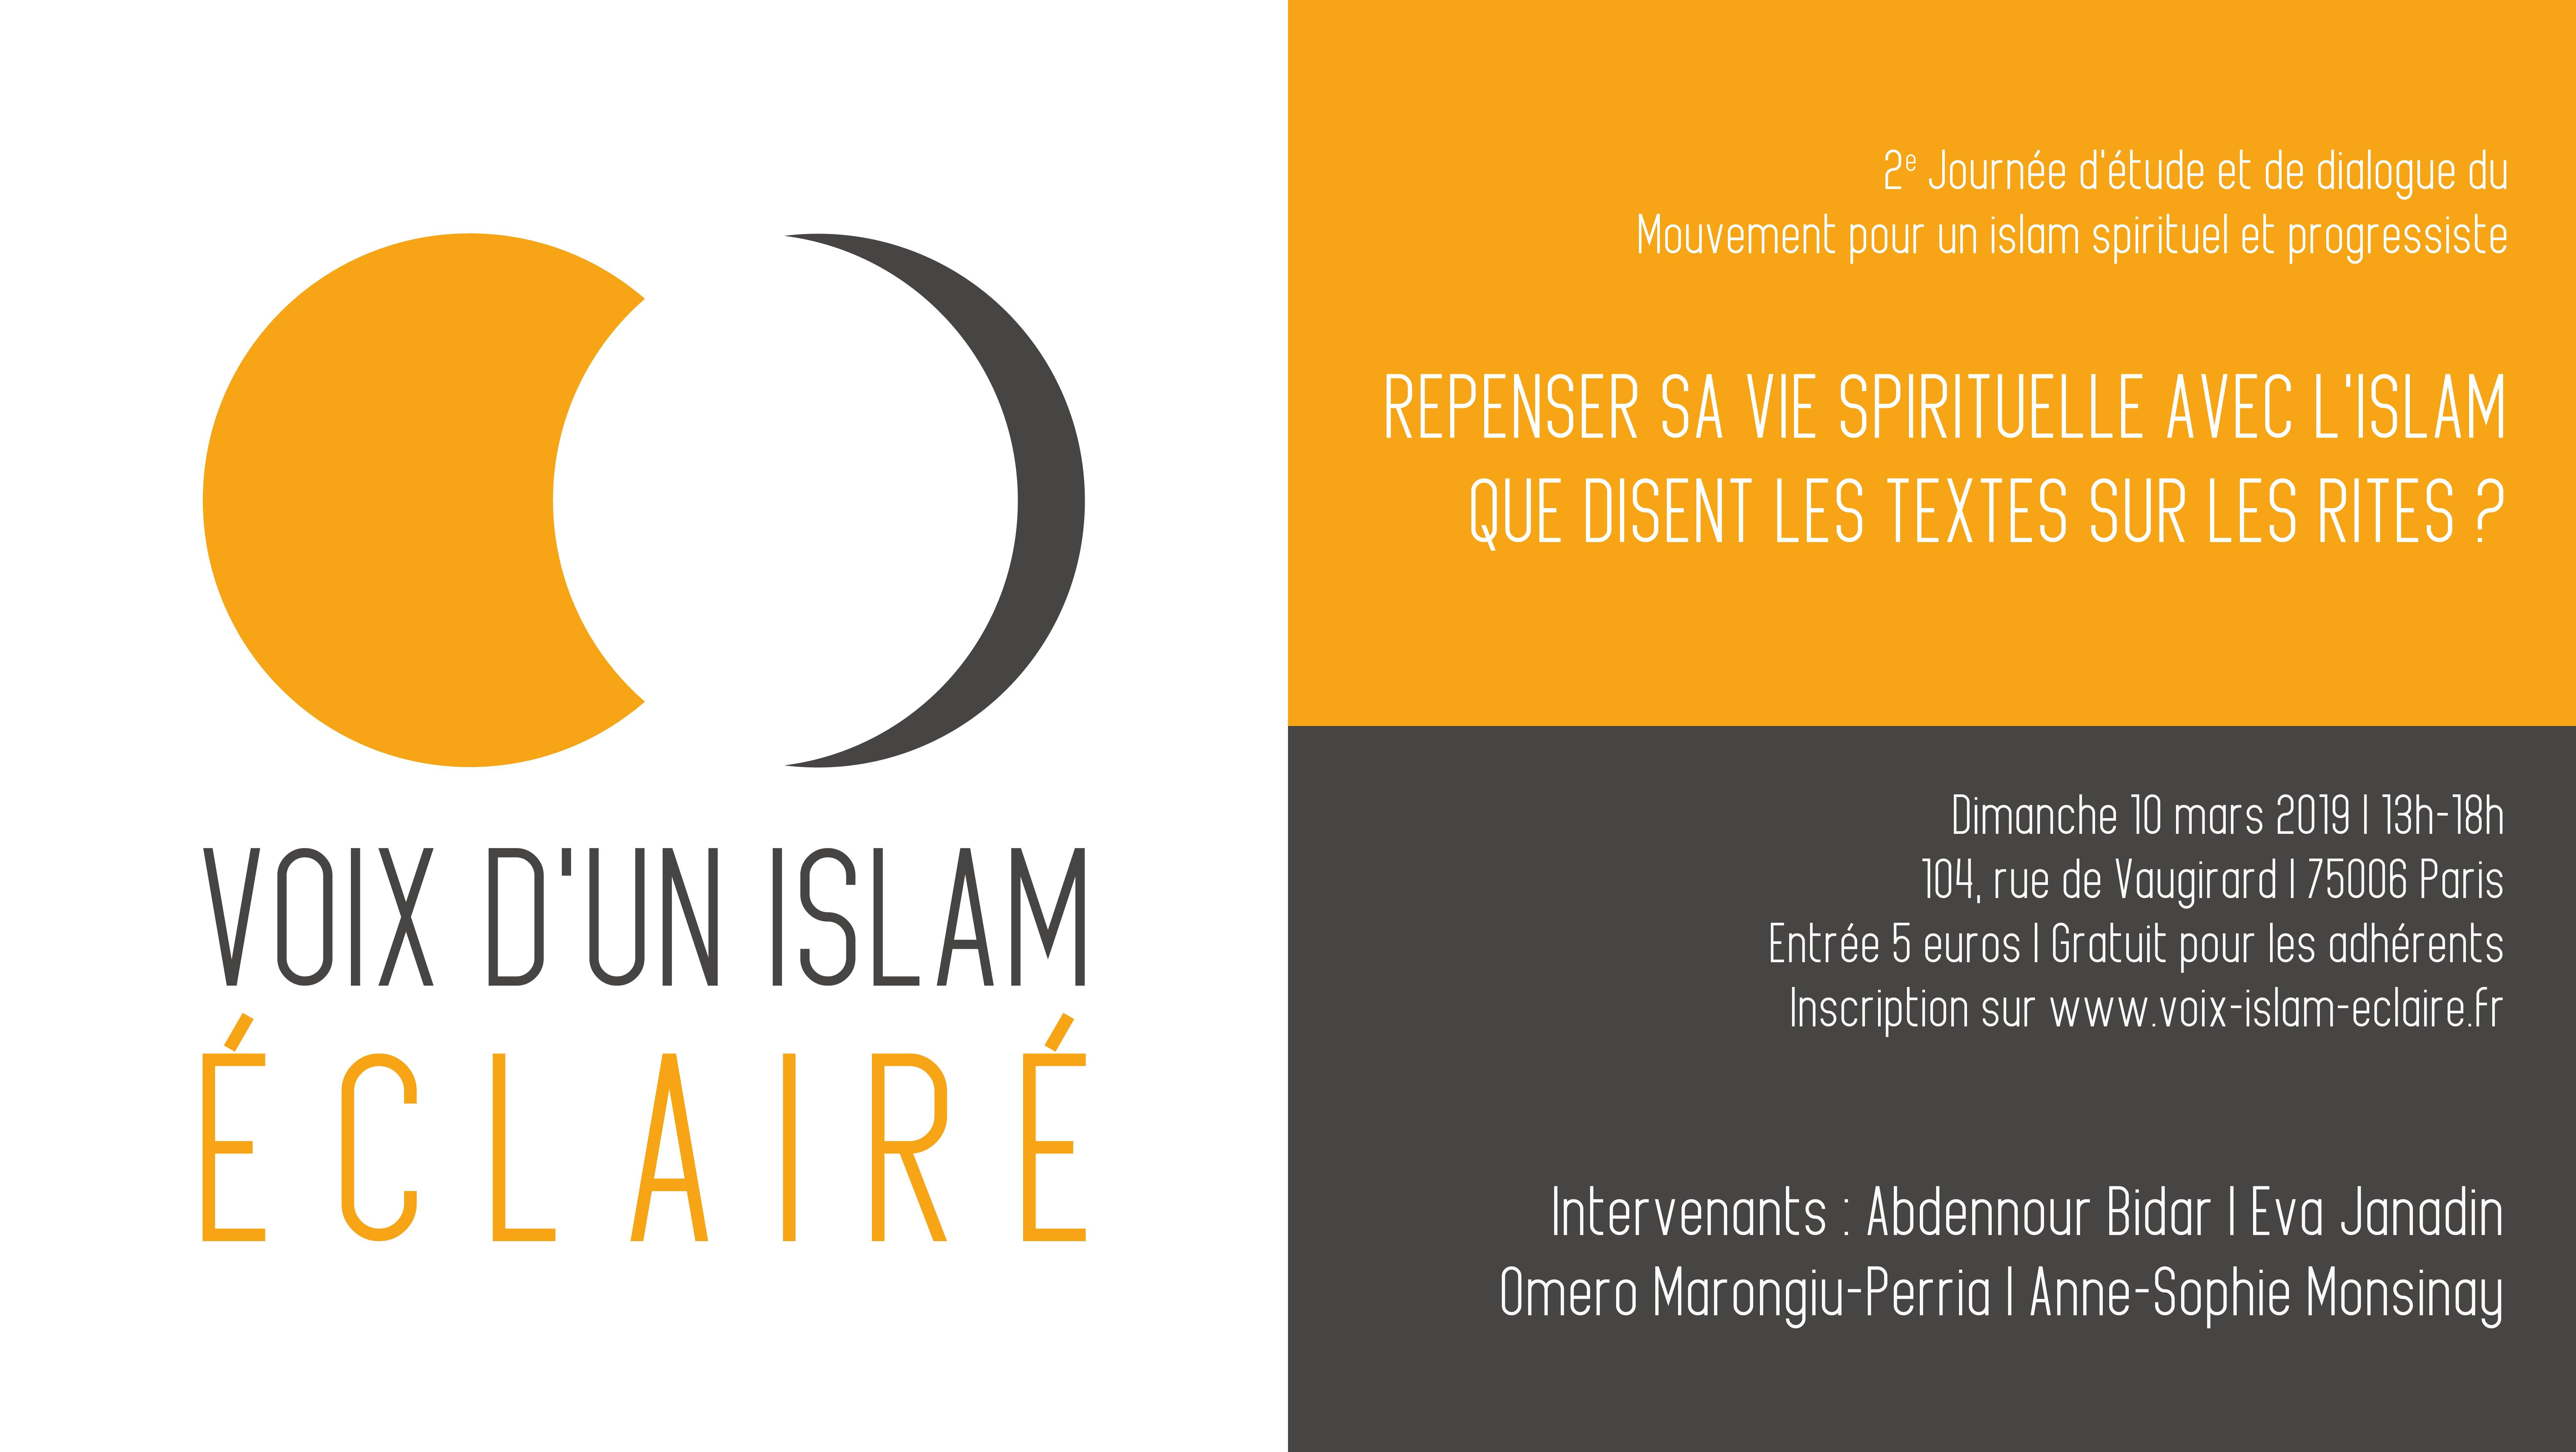 https://www.saphirnews.com/agenda/Que-disent-les-textes-islamiques-sur-les-rites_ae623083.html